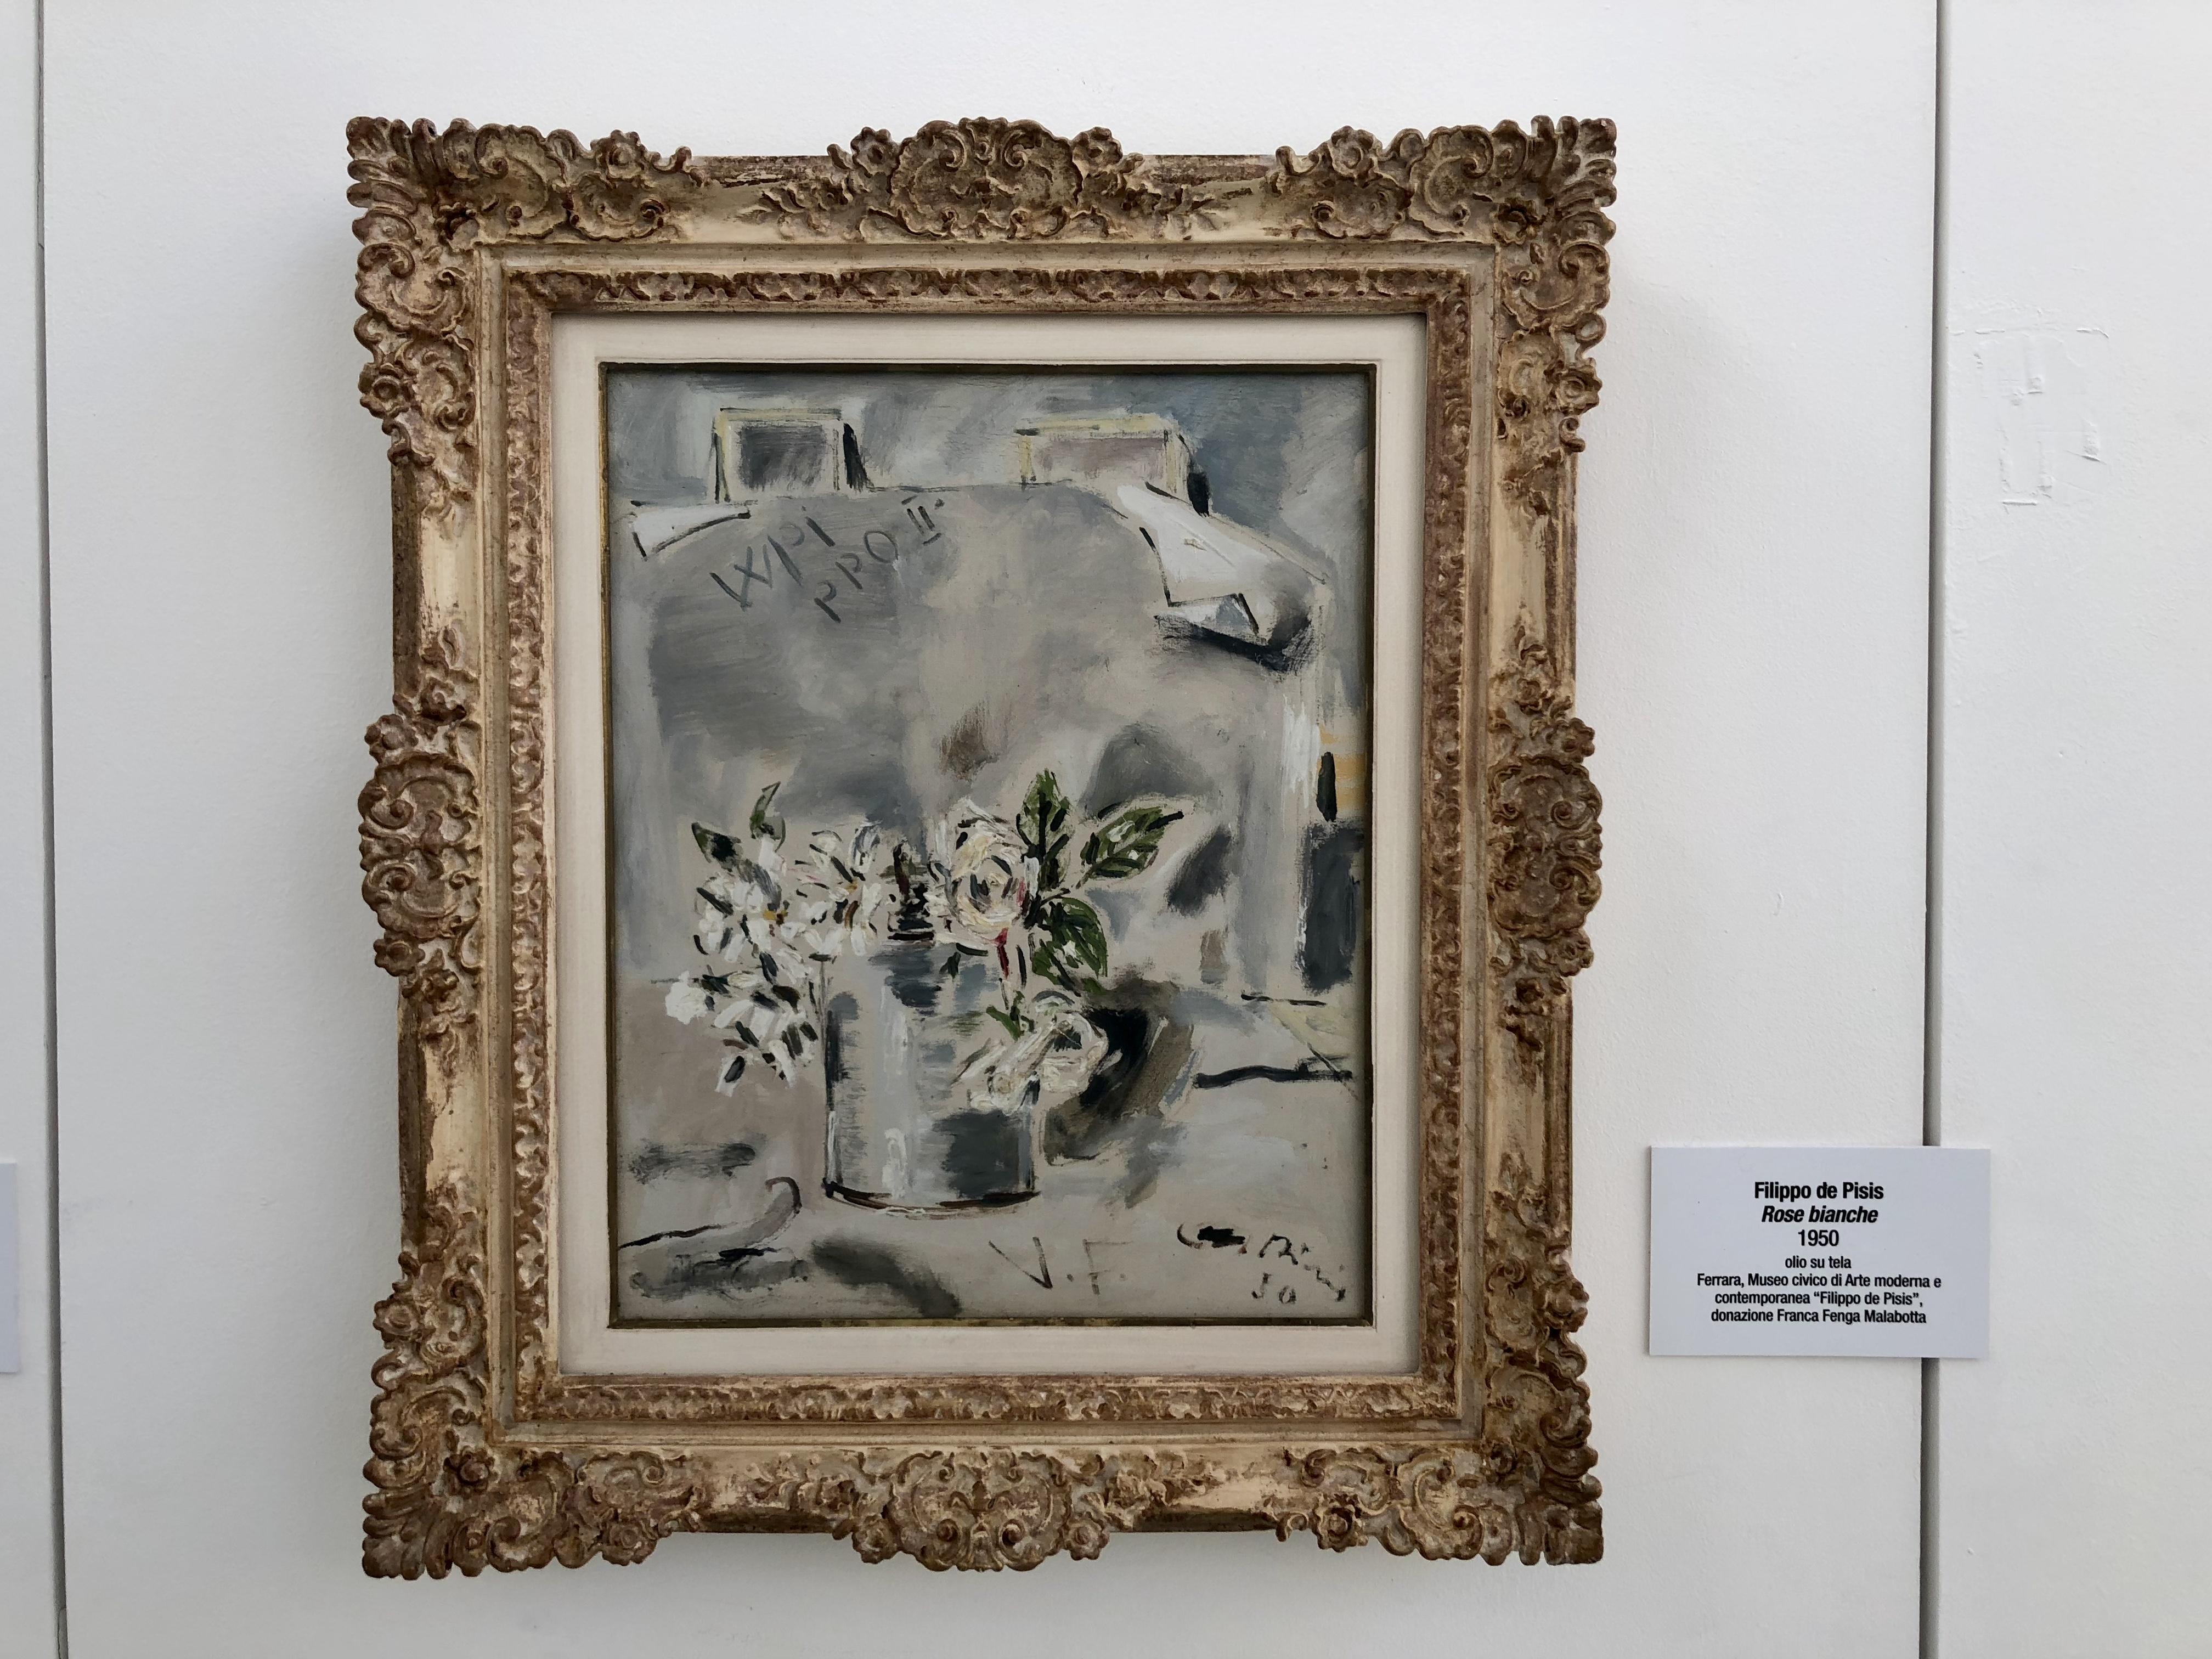 TalentiEventi_Filippo_De_Pisis_Eclettico_connoisseur_fra pittura_ musica_e_poesia_Museo_Ettore_Fico_53